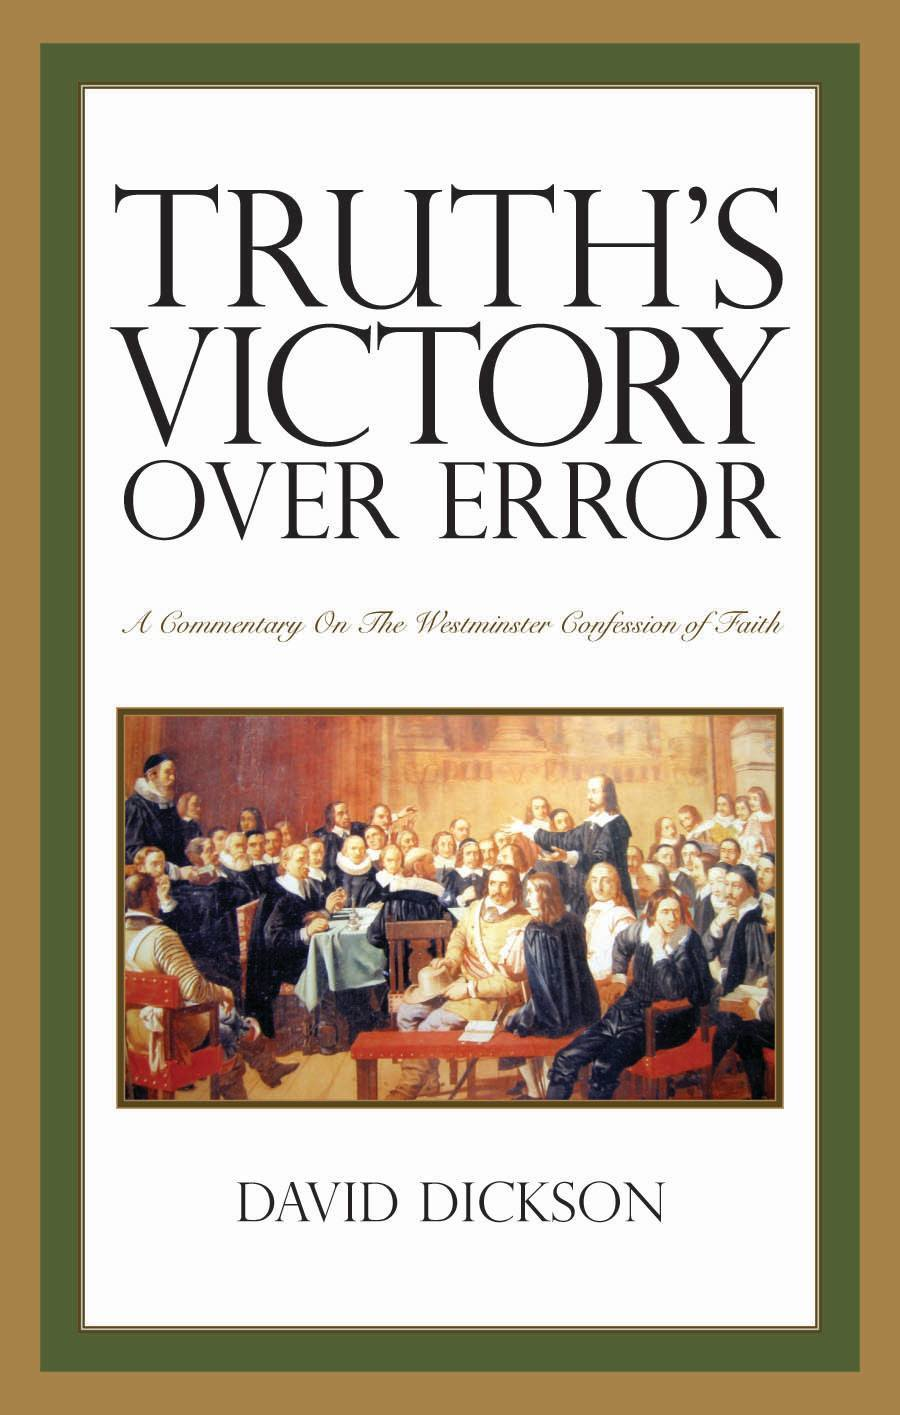 David Dickson: az ortodoxia elleni tévtanítások – magyarázatokkal ellátva